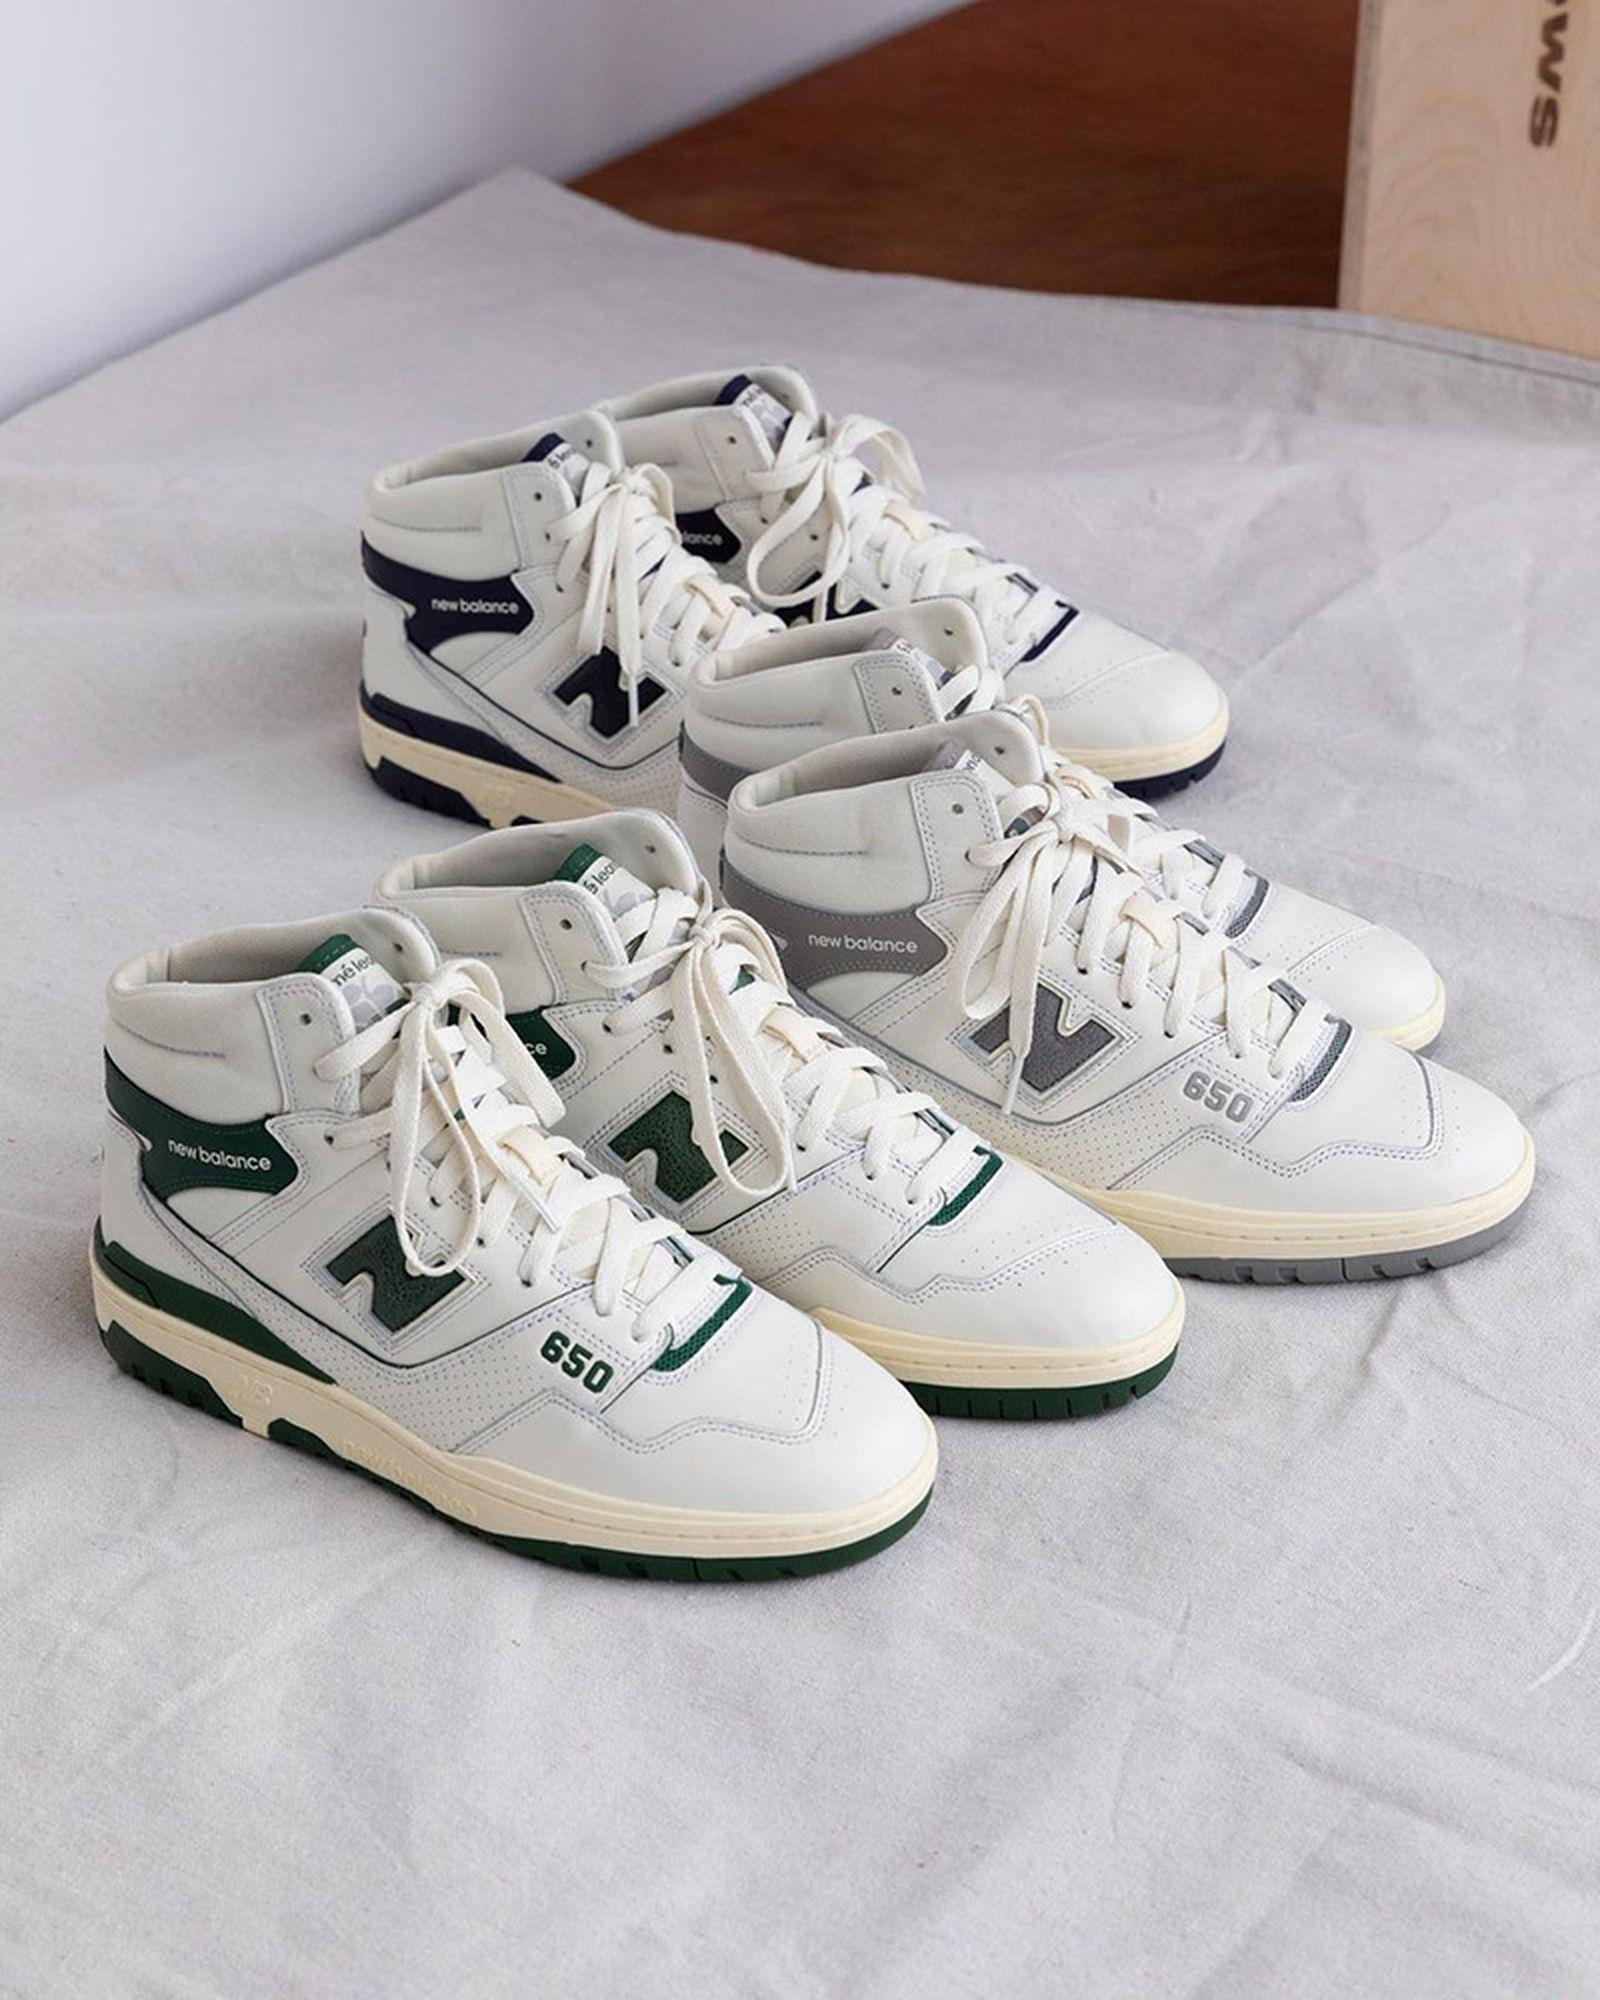 aime-leon-dore-new-balance-650r-sneaker-02